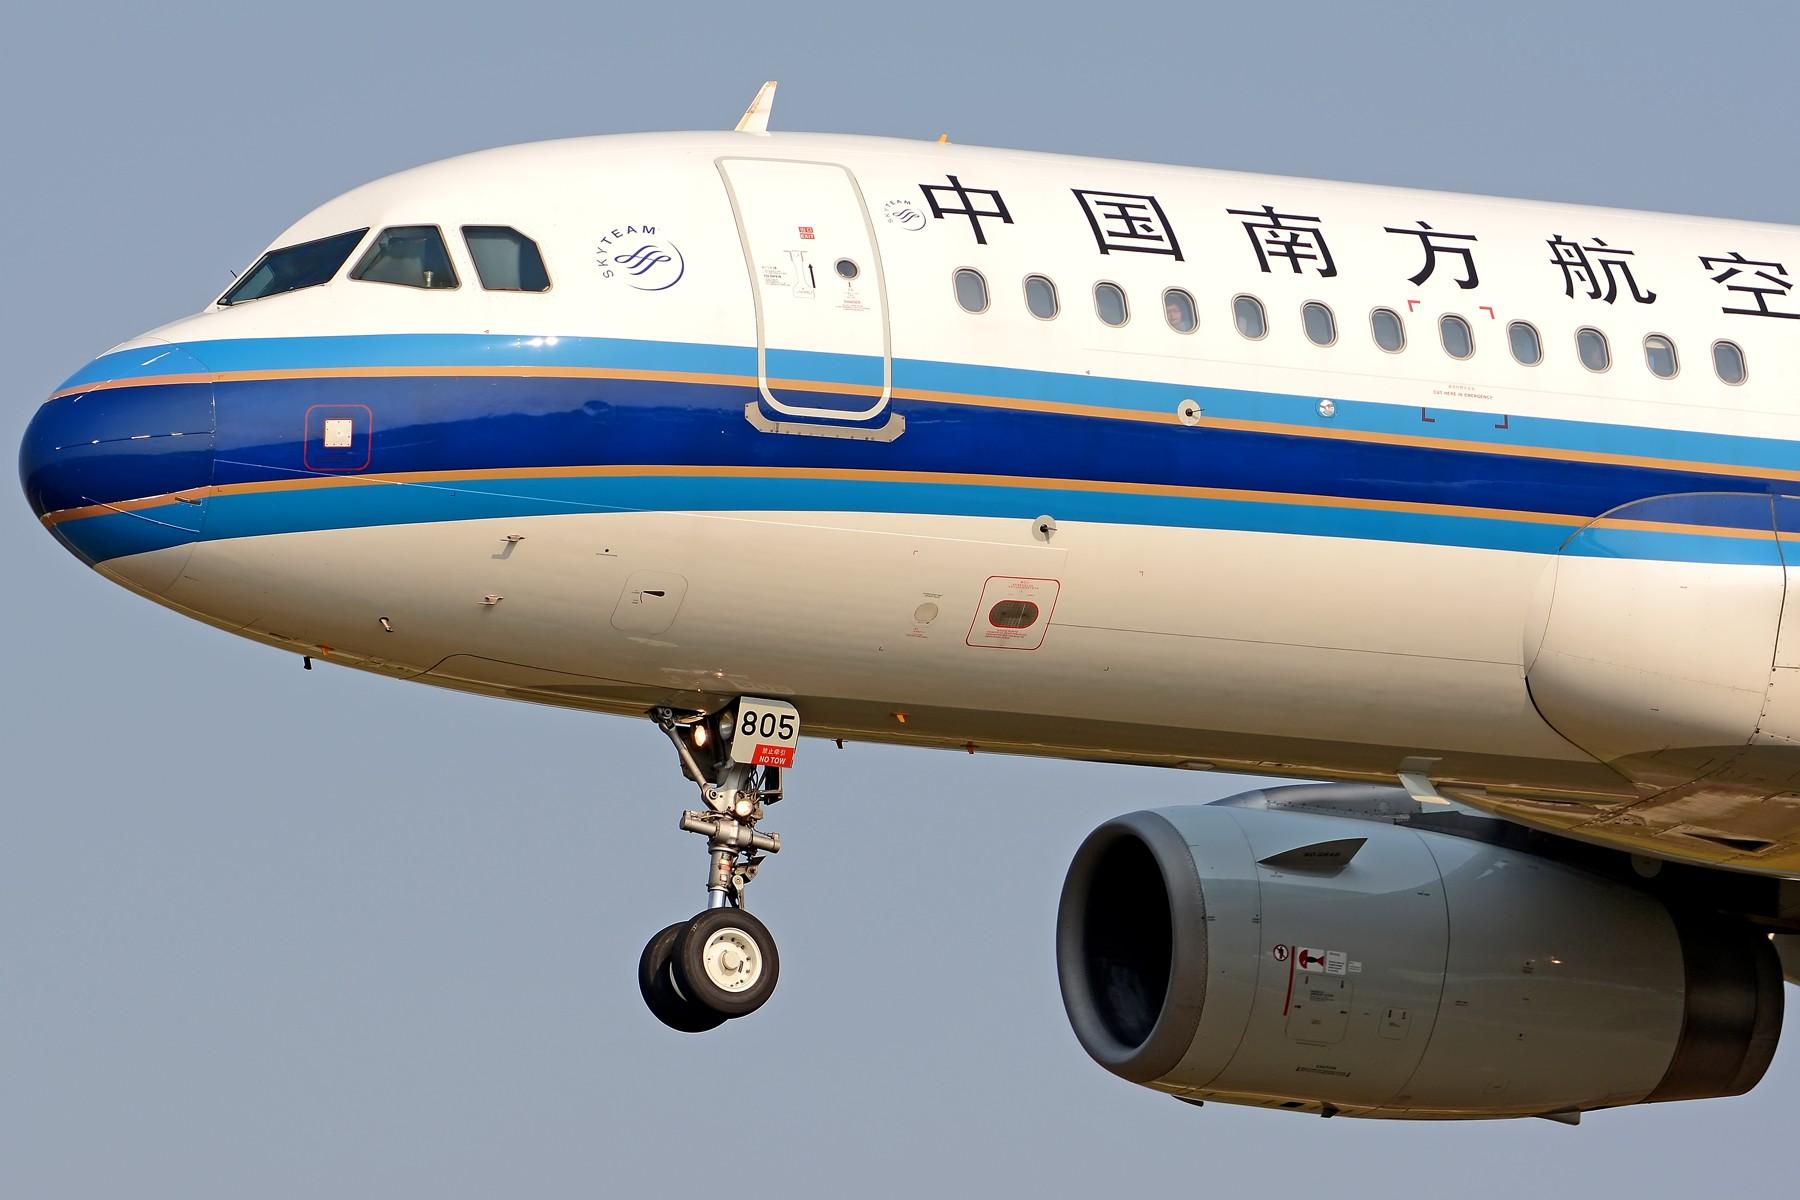 Re:[原创]【多图党】试镜200-500大头比较多 AIRBUS A320-200 B-1805 中国合肥新桥国际机场